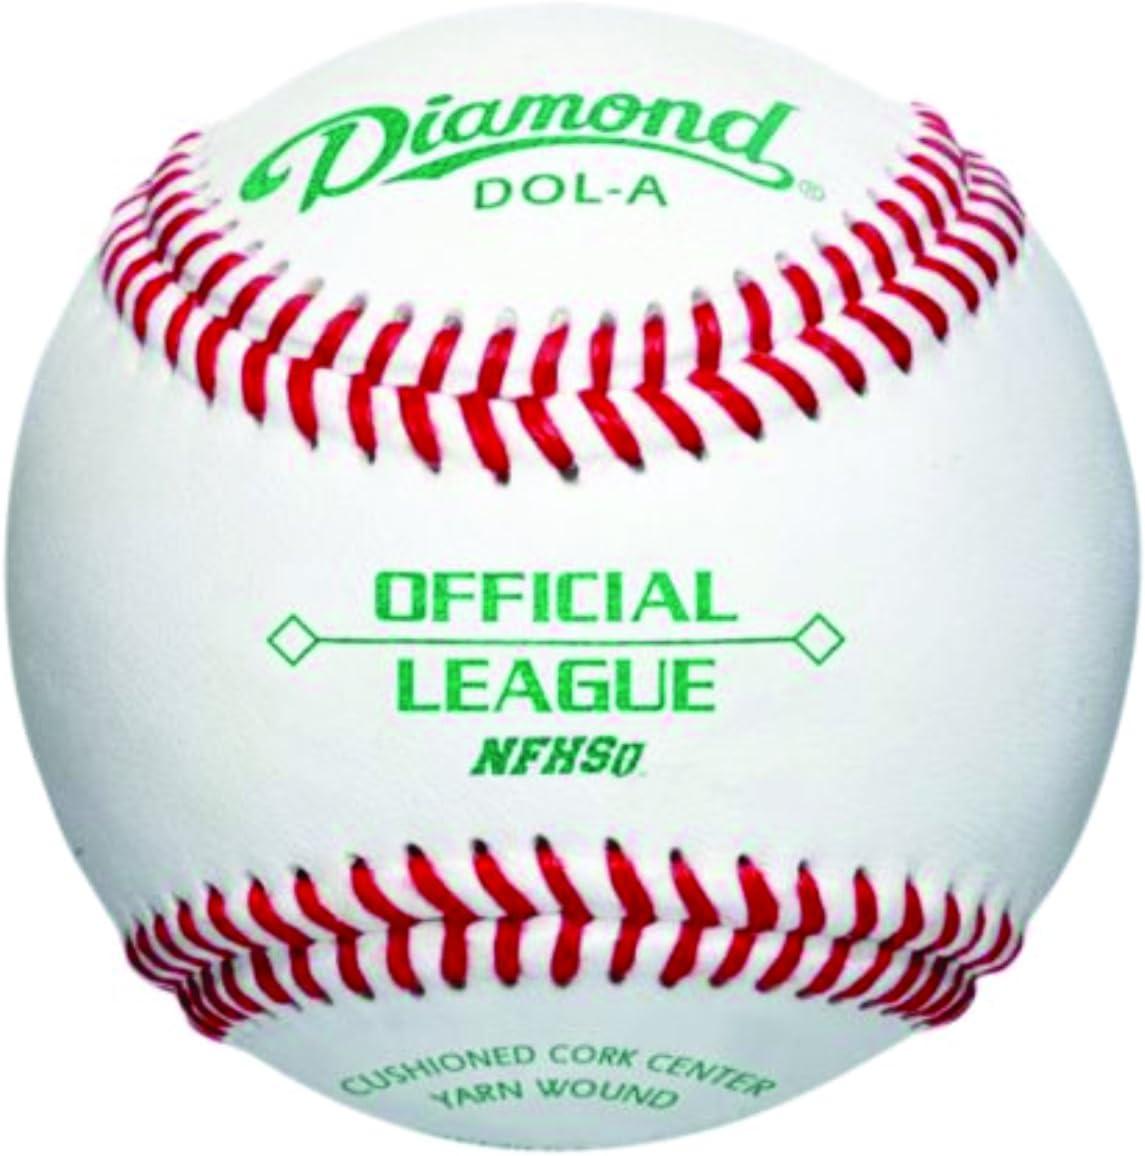 ダイヤモンドdol-a NFHS Baseballs